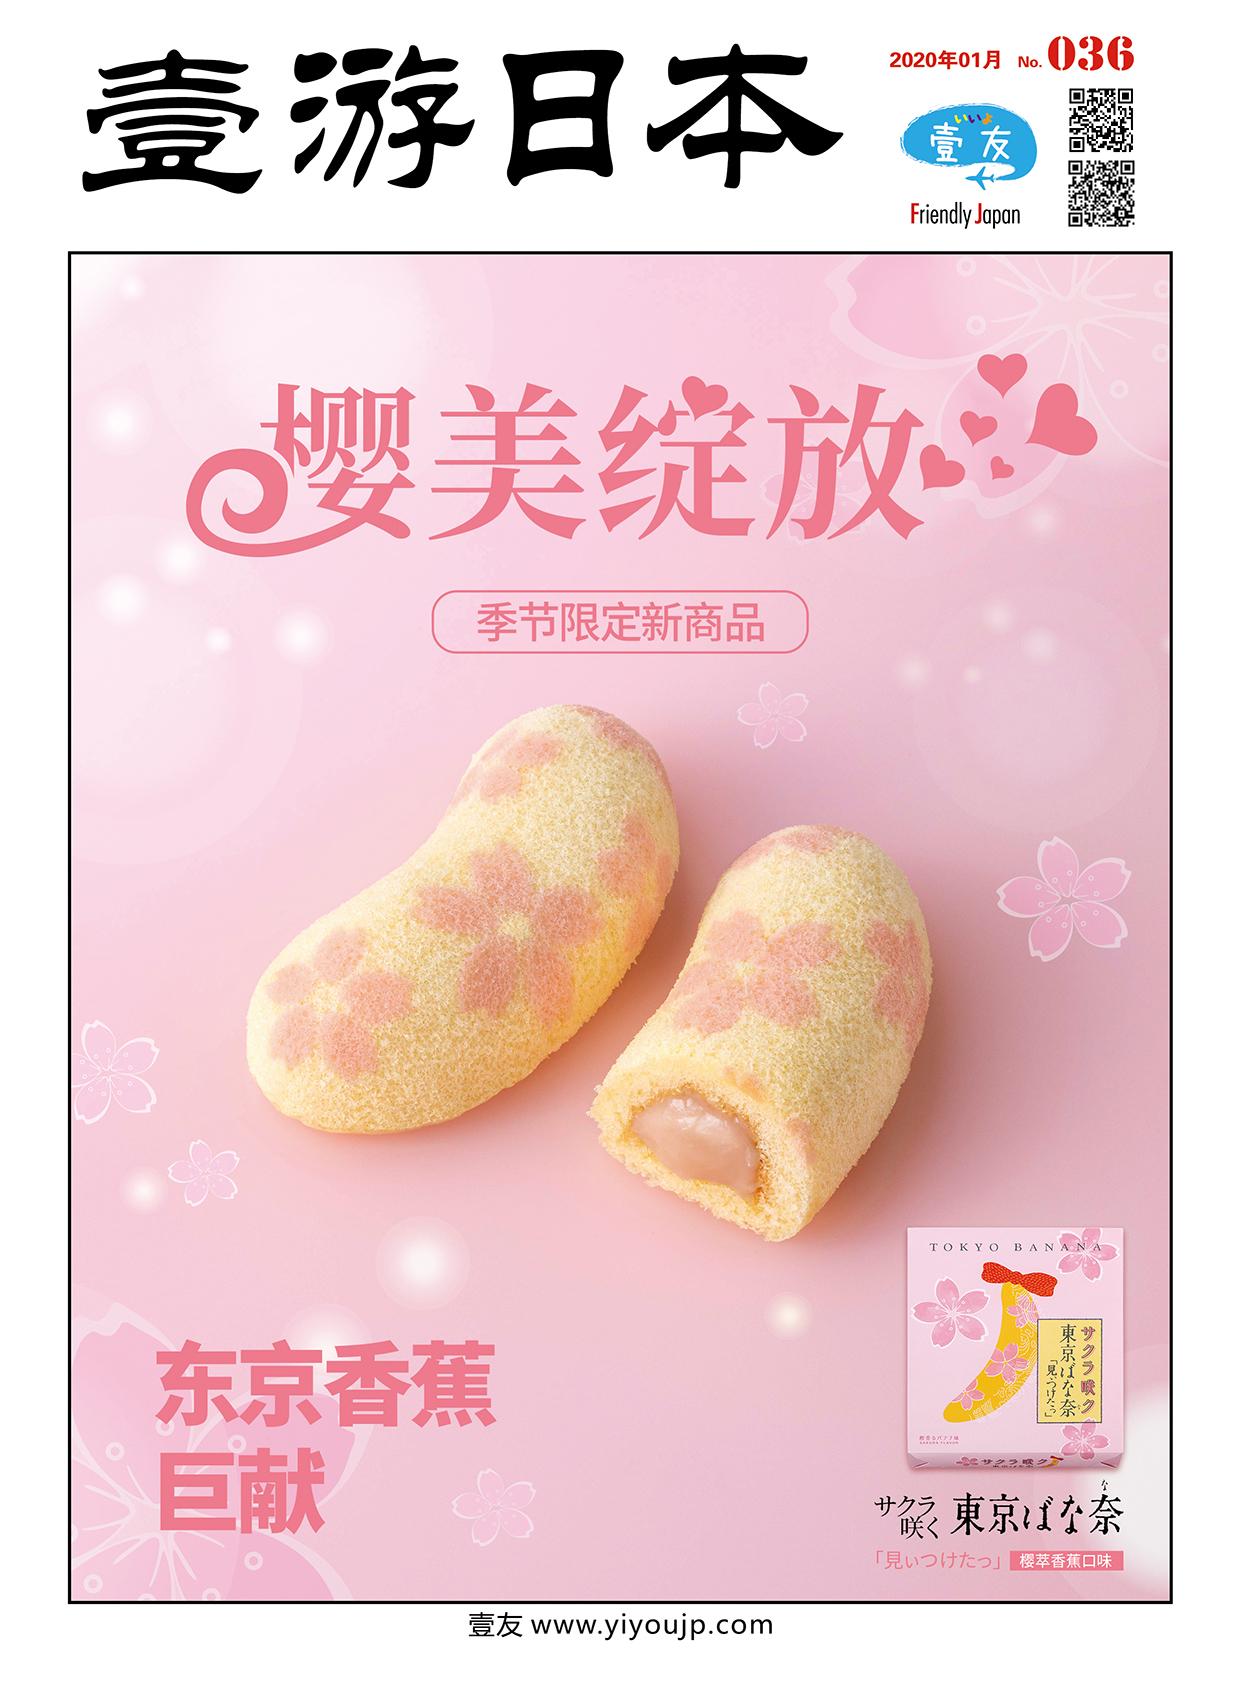 36th-封1 东京香蕉蛋糕